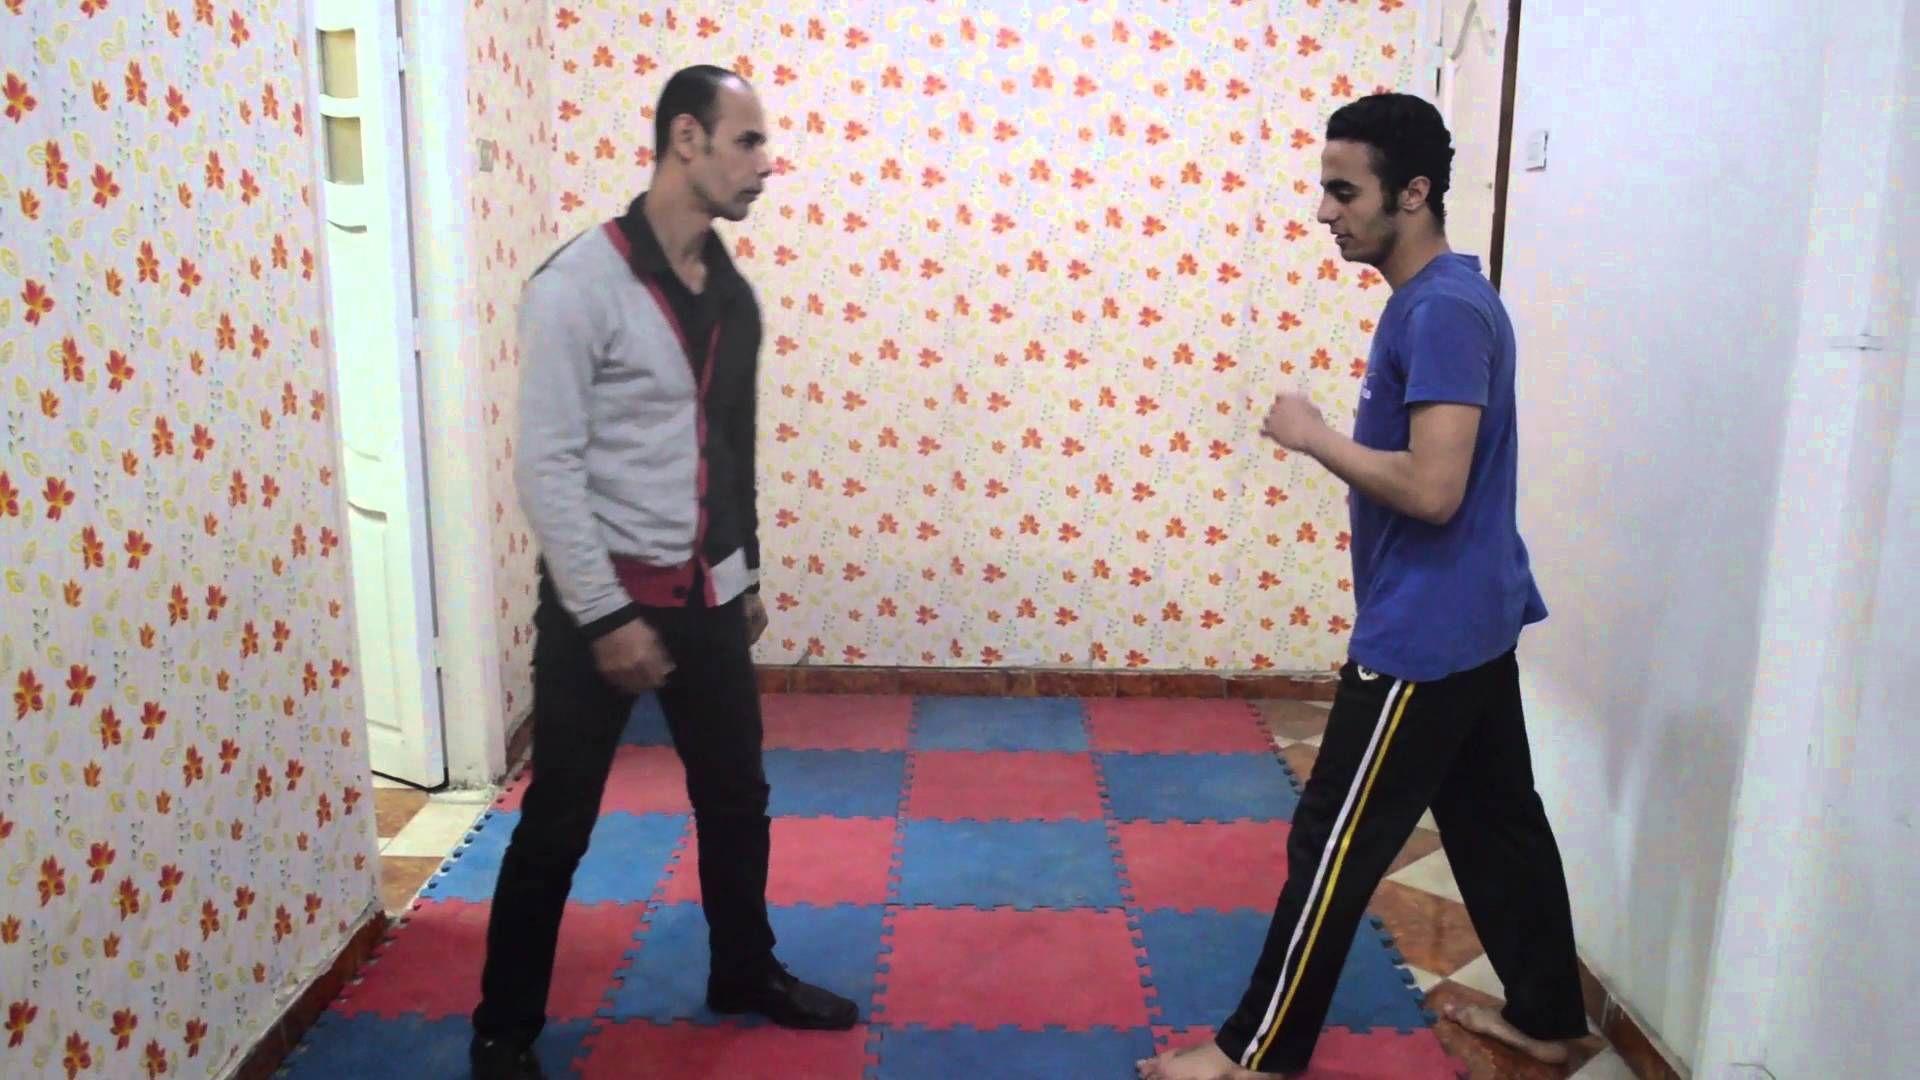 Shaolin School Kung Fu - YouTube | 5 | Kung fu, School, Pants